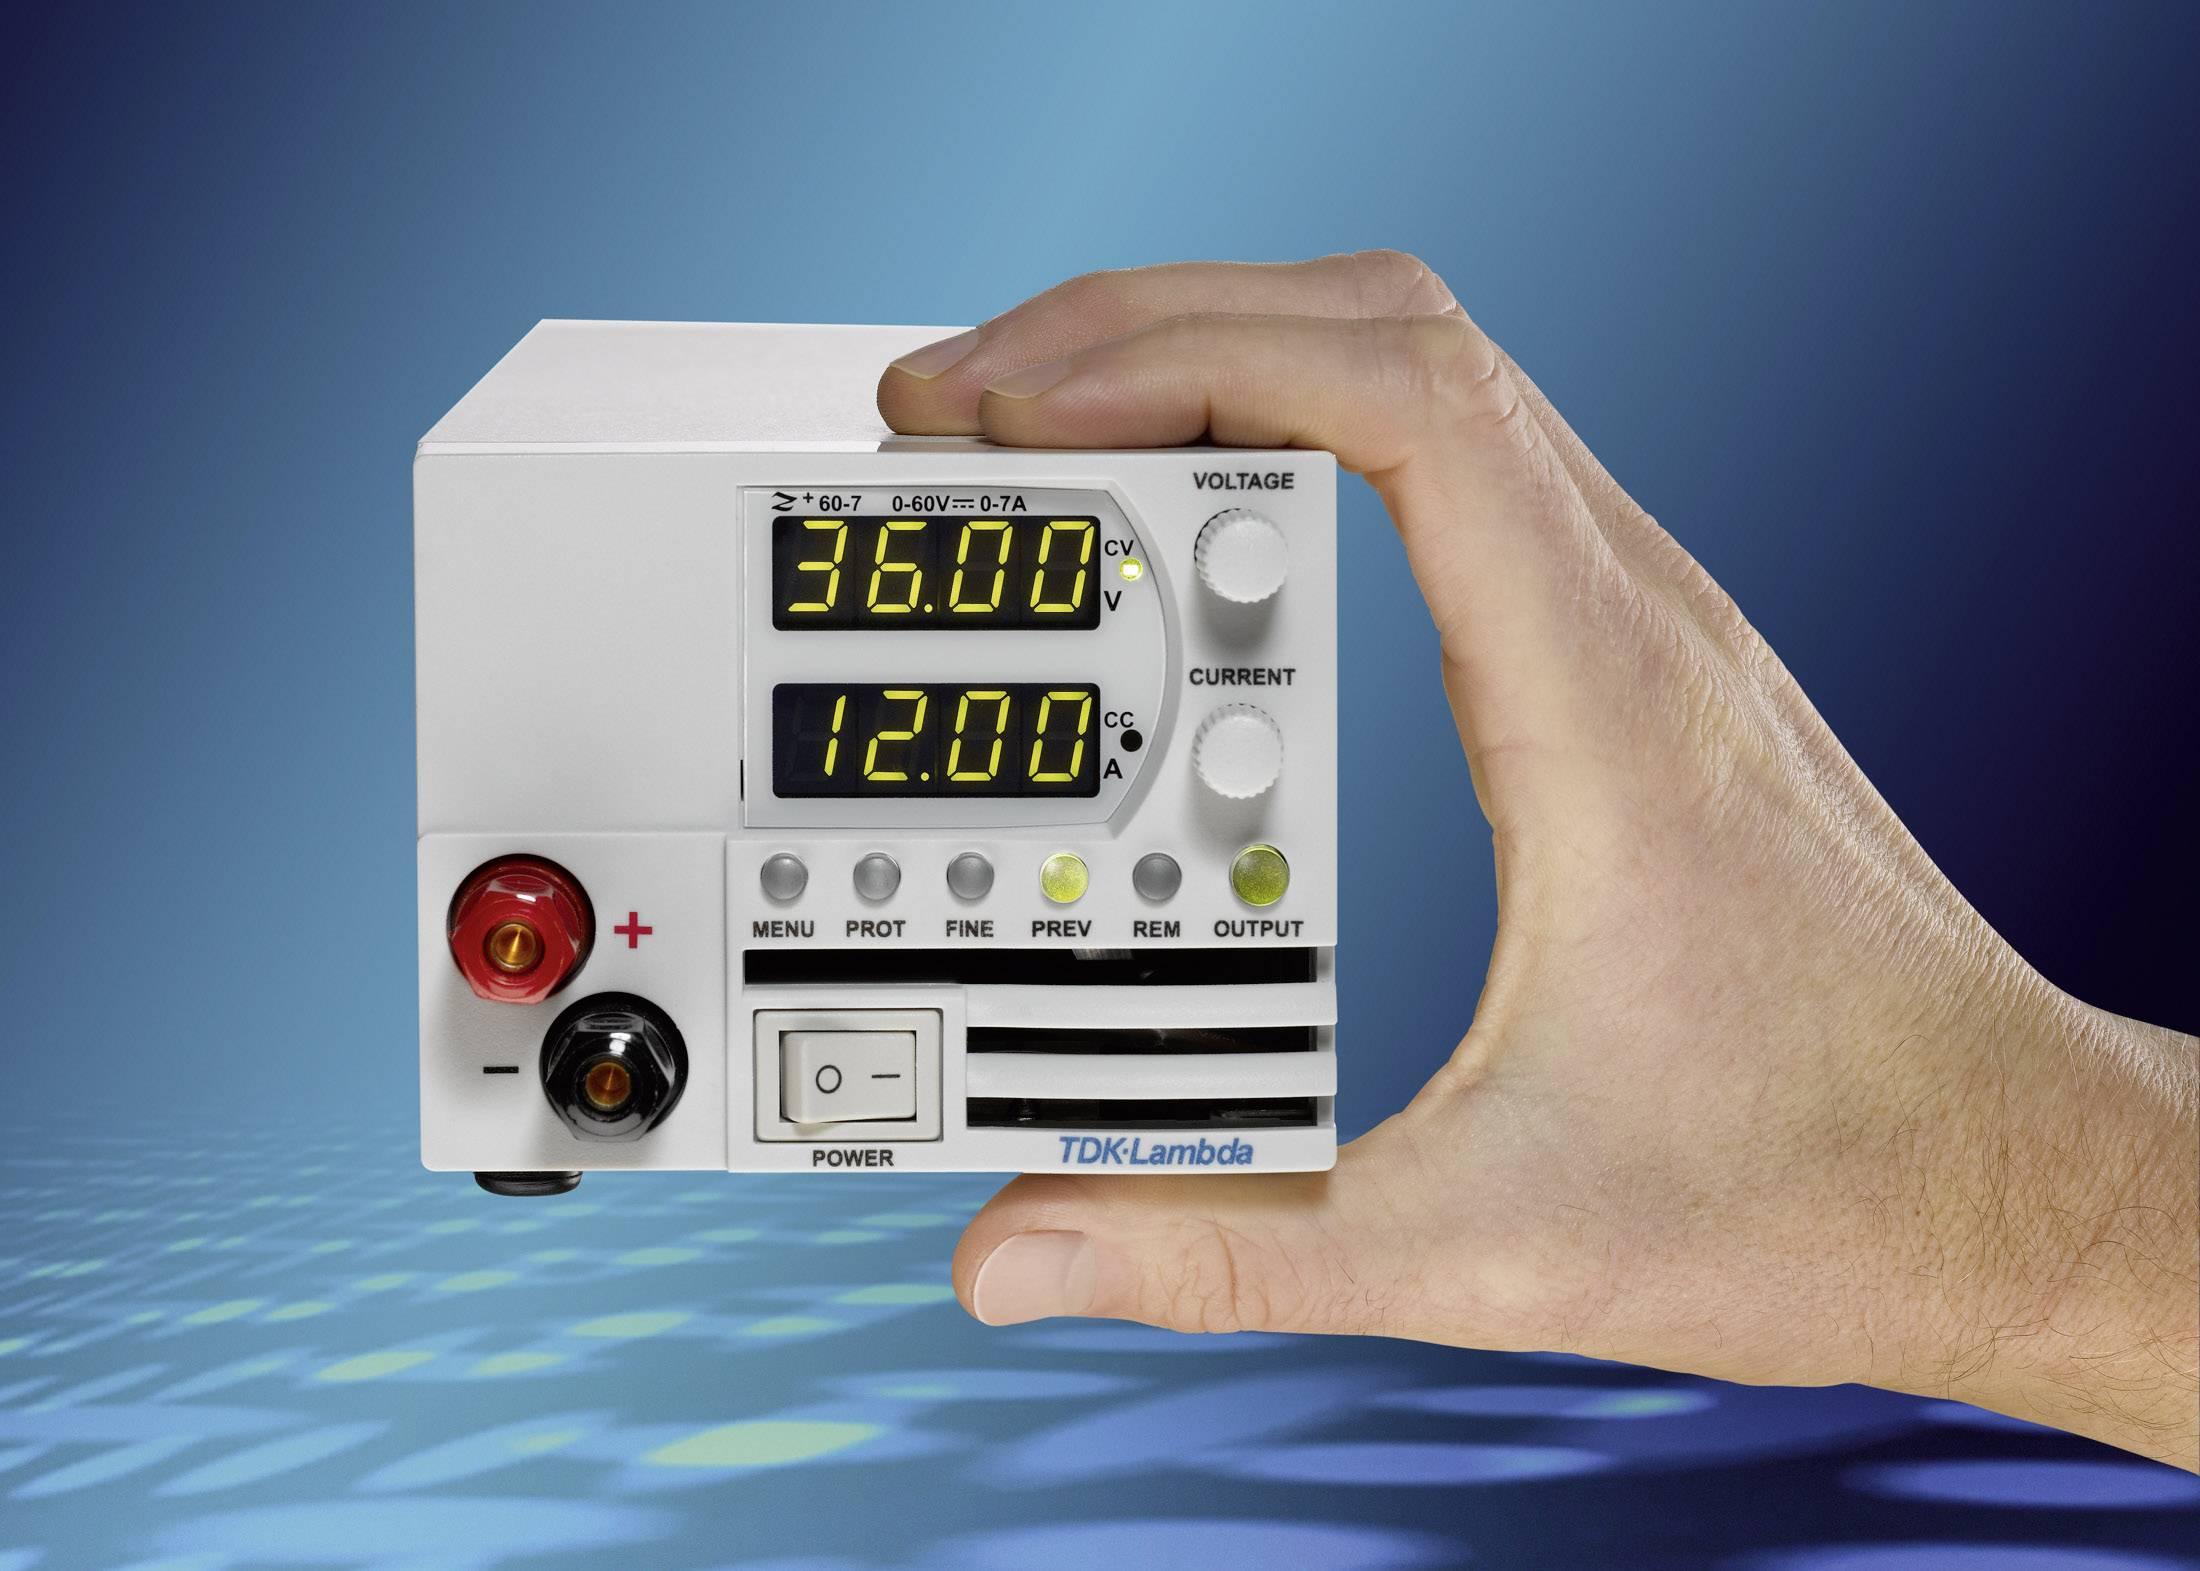 Programovateľný laboratórny sieťový zdroj TDK-Lambda Z-60-3.5/L, 0- 60 V/DC, 0 - 3,5 A, 210 W